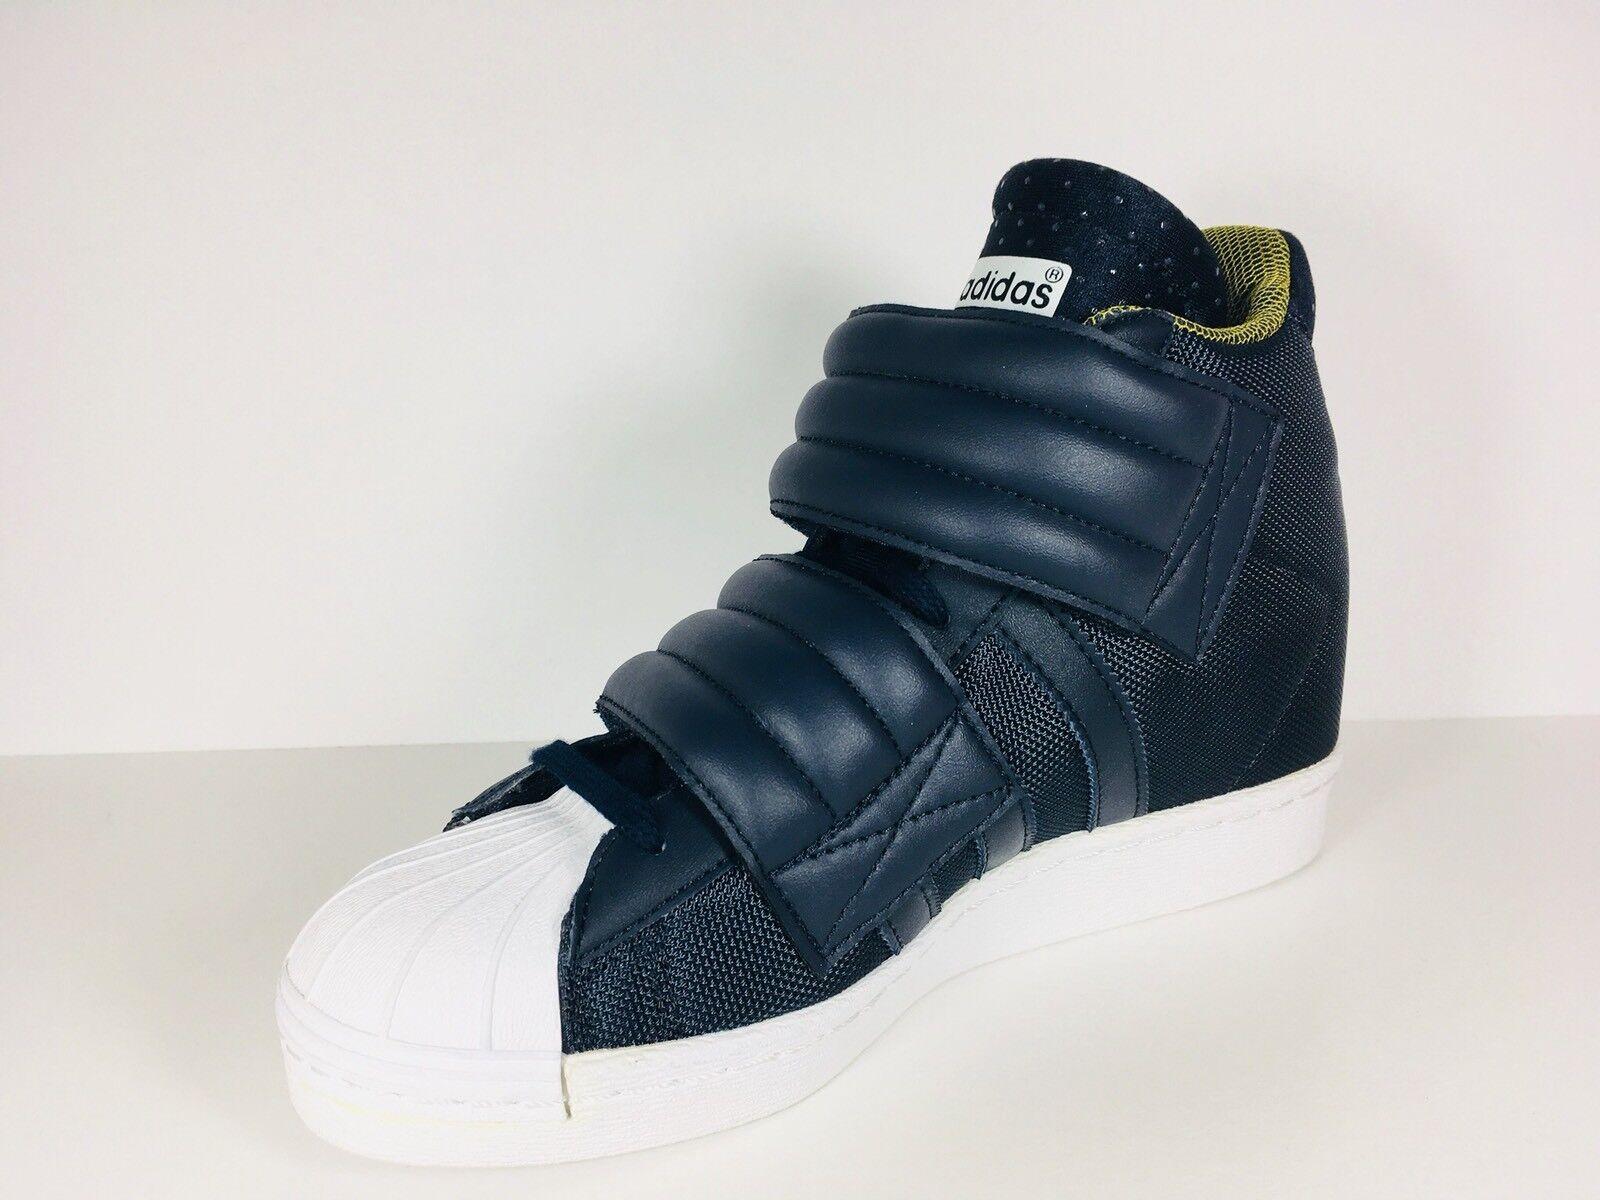 Adidas superstar zwei riemen dunkelblau frauen # s82794 us us us - größe 6 8d0756